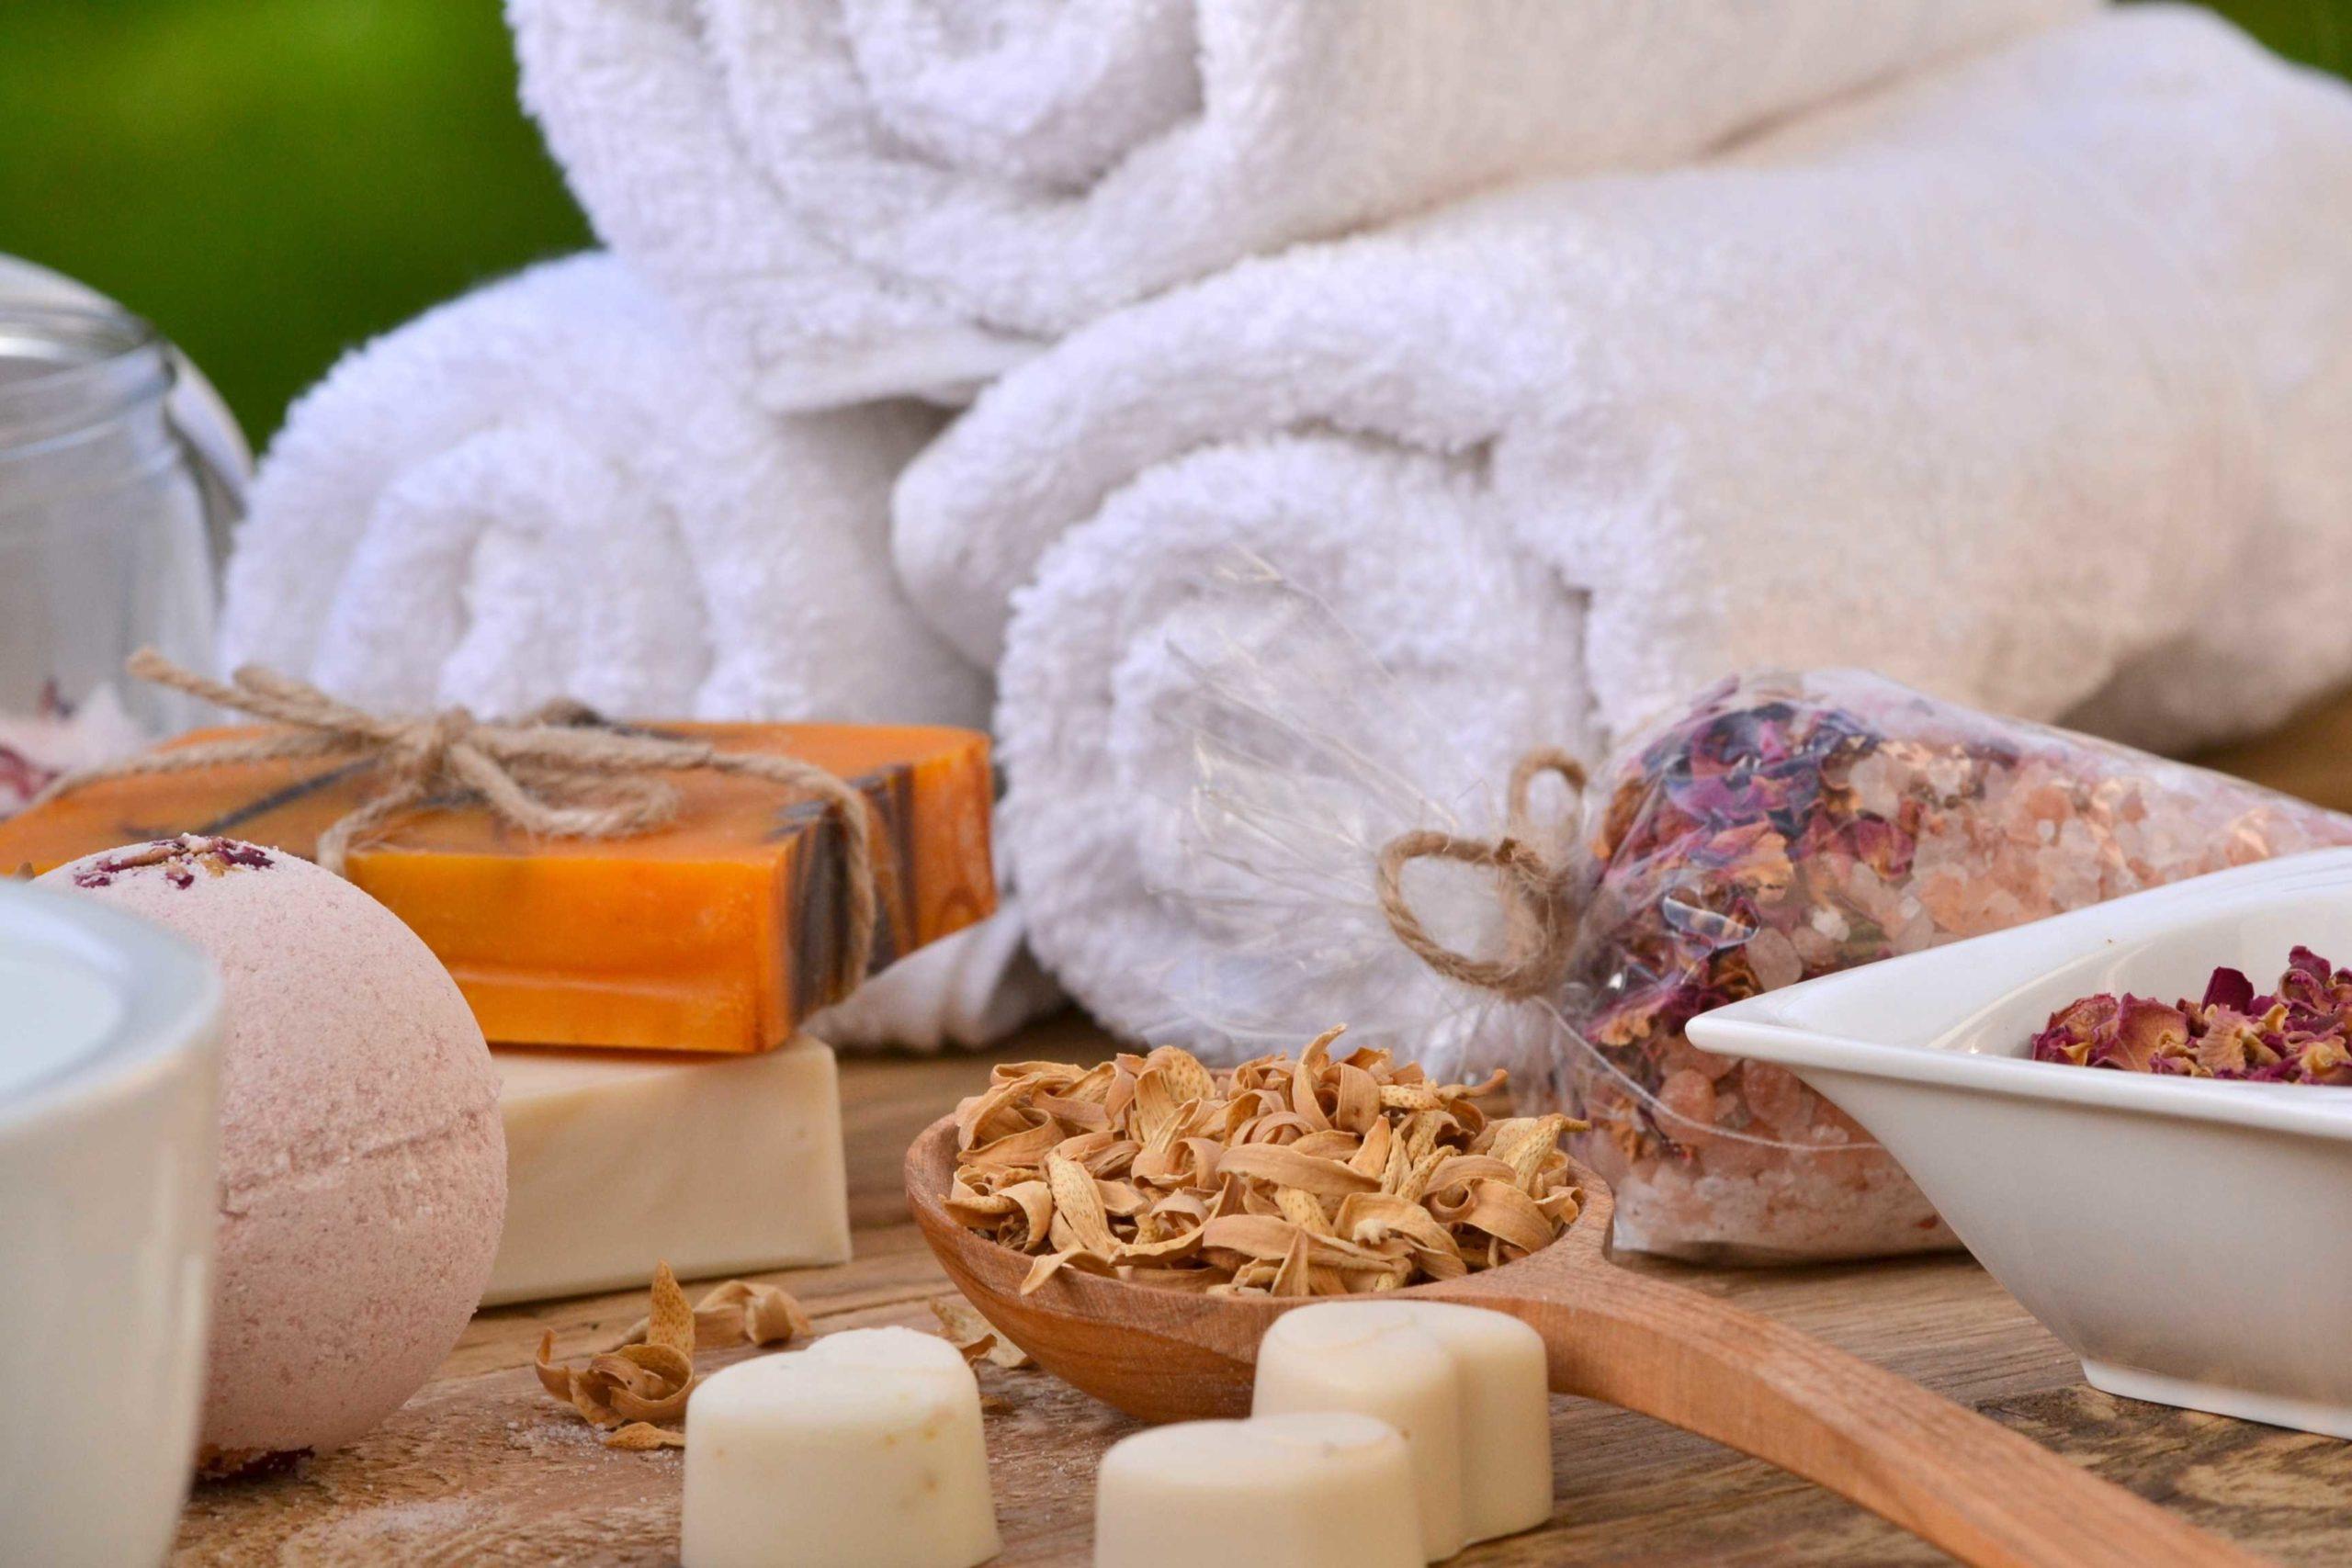 Partipez à nos ateliers de fabrication de savons, shampoings et crèmes